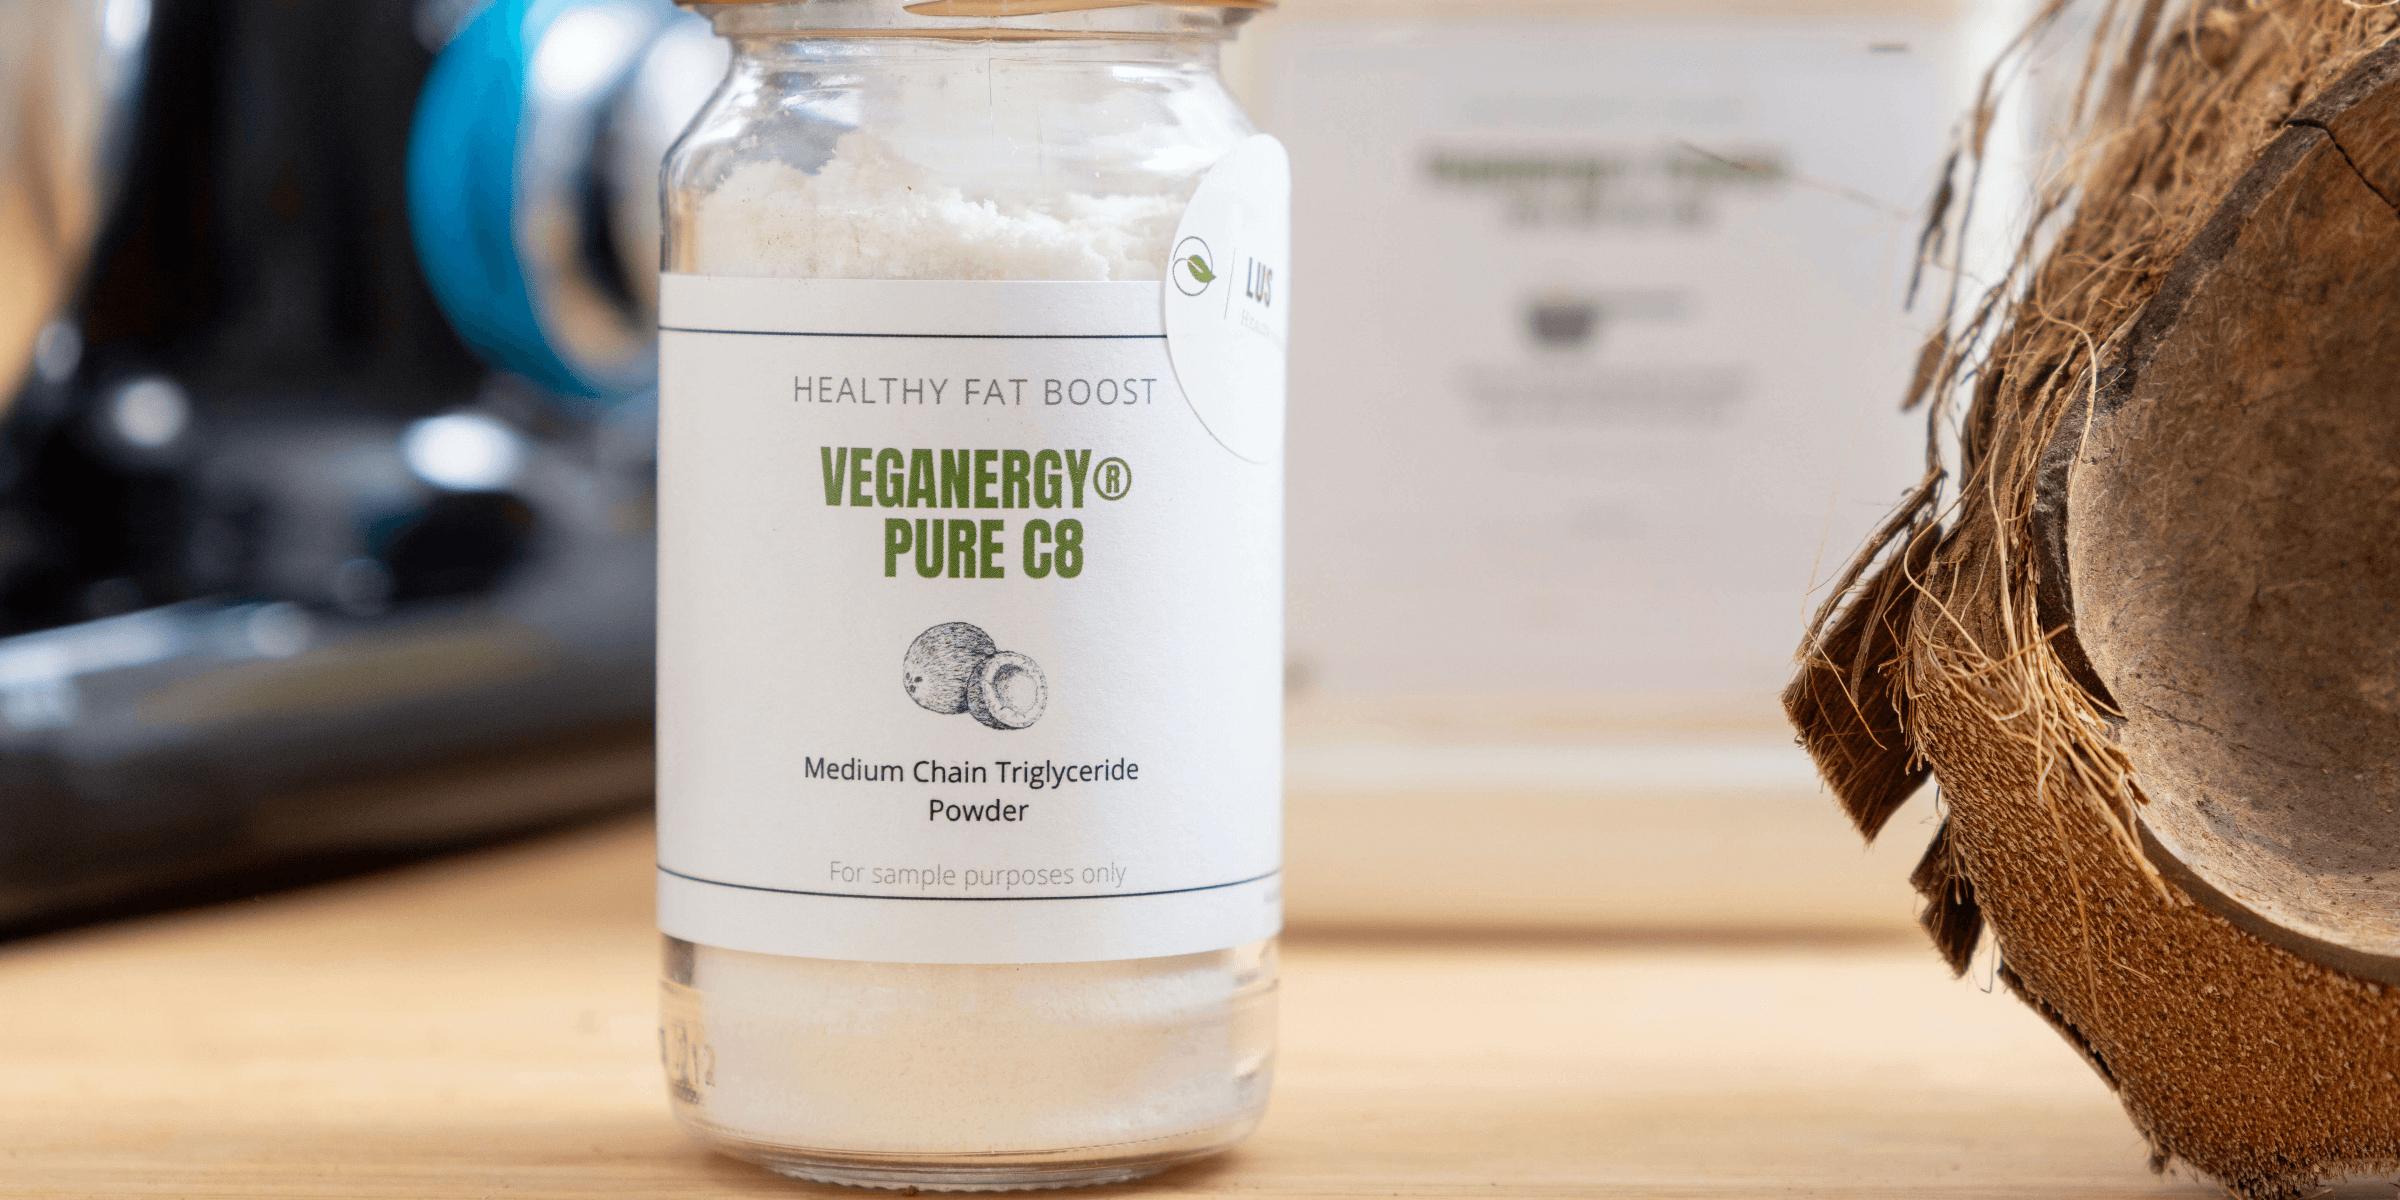 Veganergy